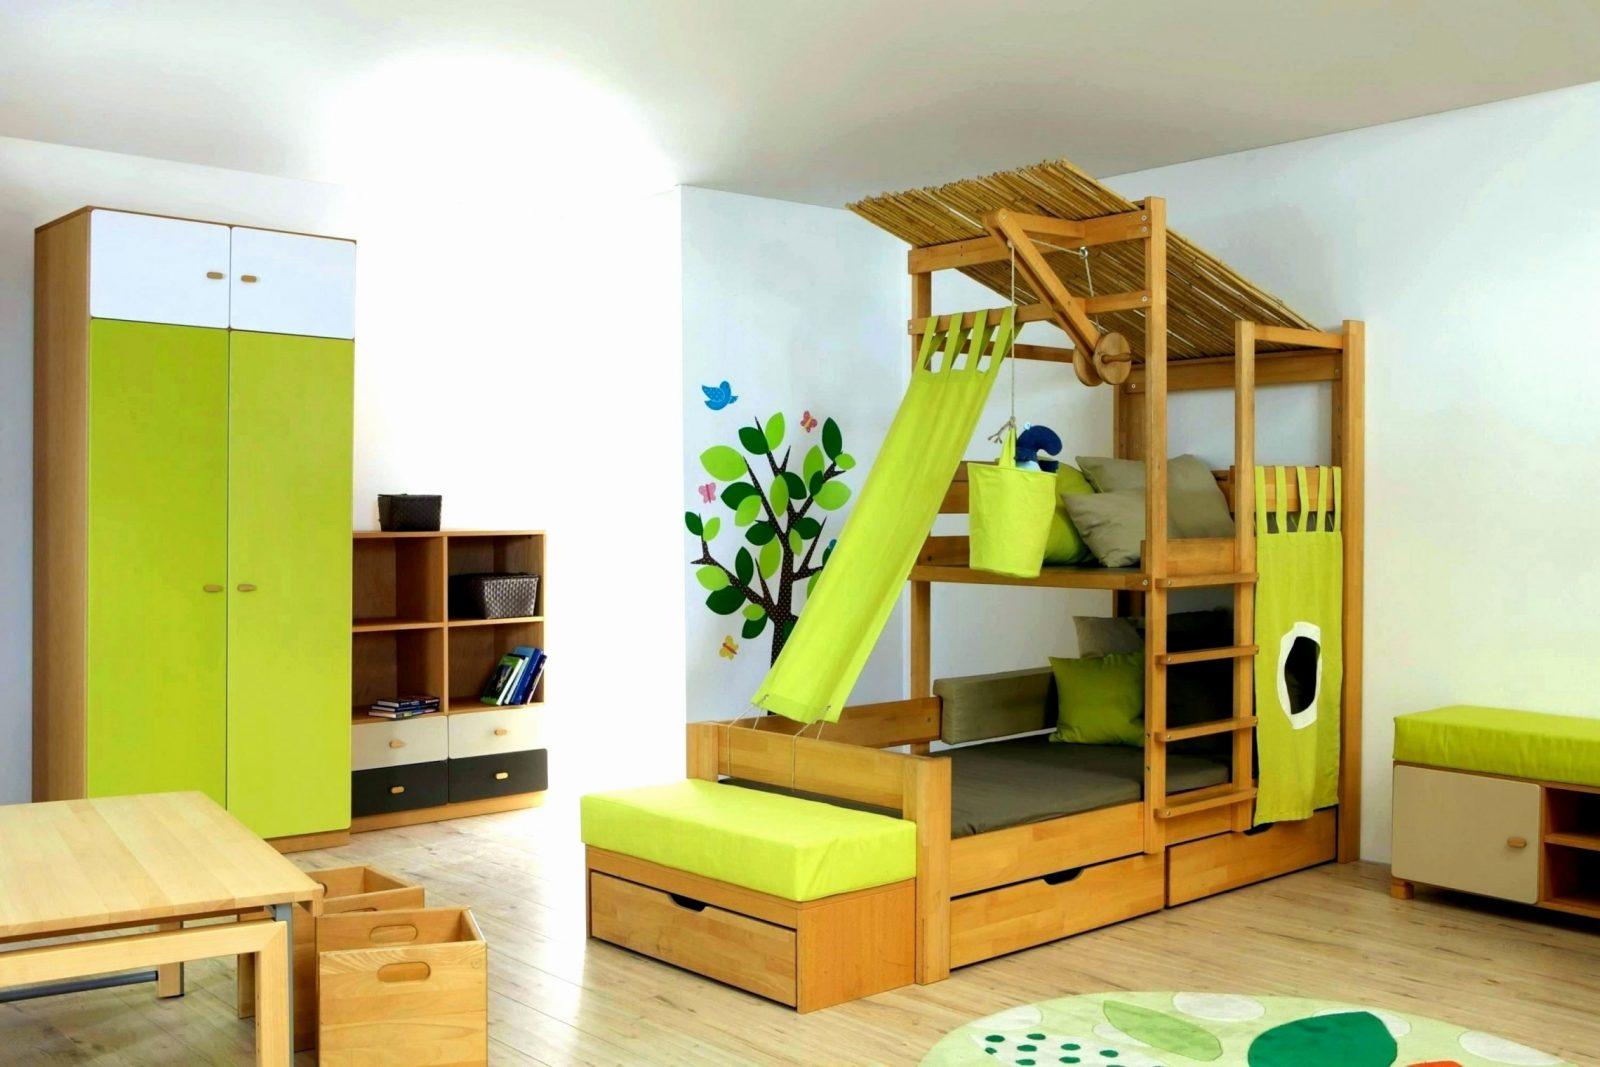 27 Frisch Kleines Kinderzimmer Mit 2 Betten  Farben Für Das von Kleines Kinderzimmer Für 2 Photo